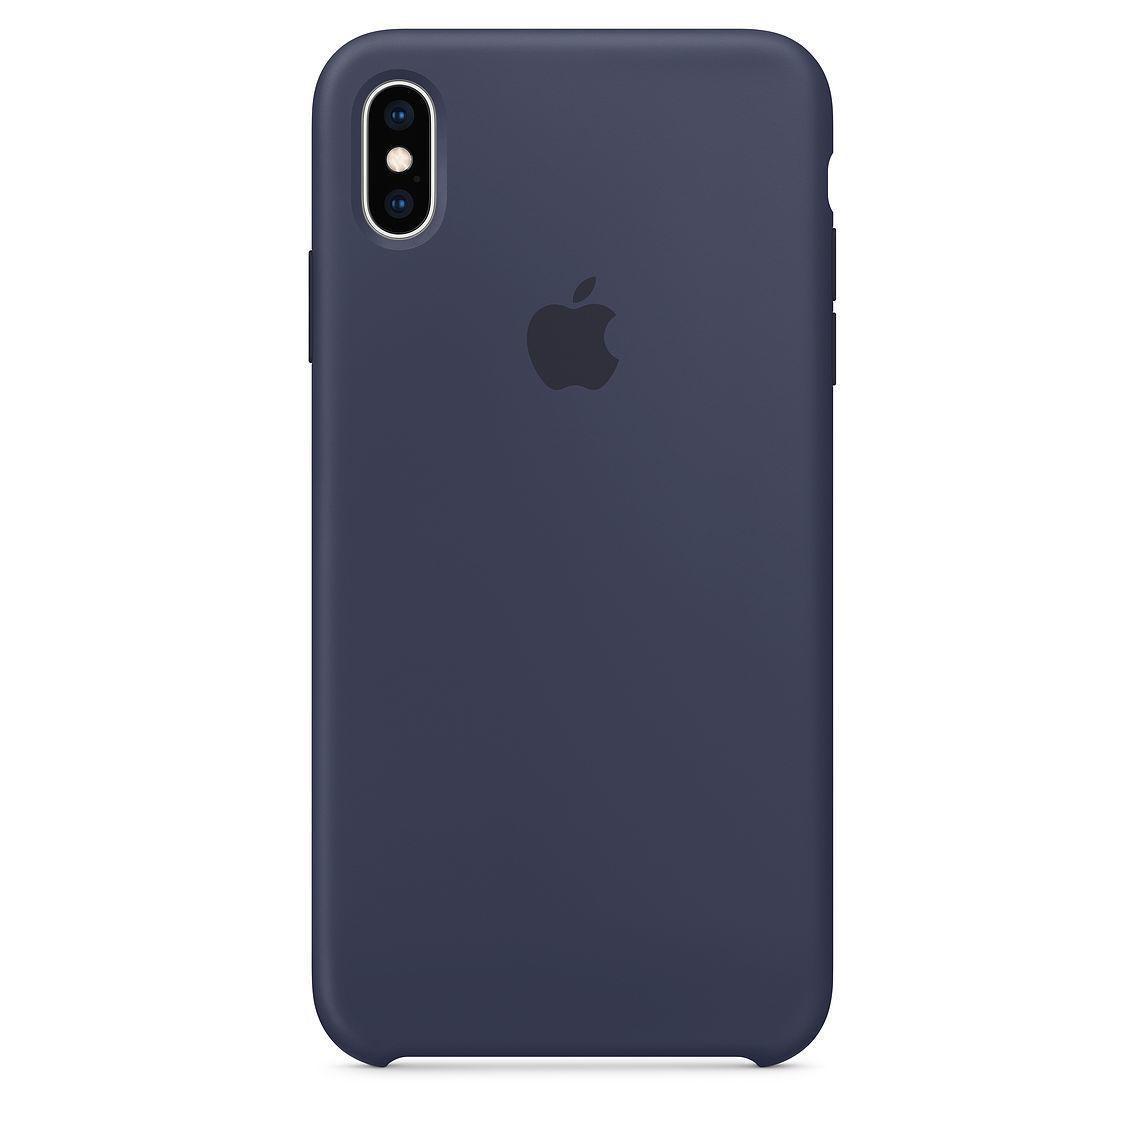 Силиконовый чехол iPhone Xs Max, темно-синий, copy original